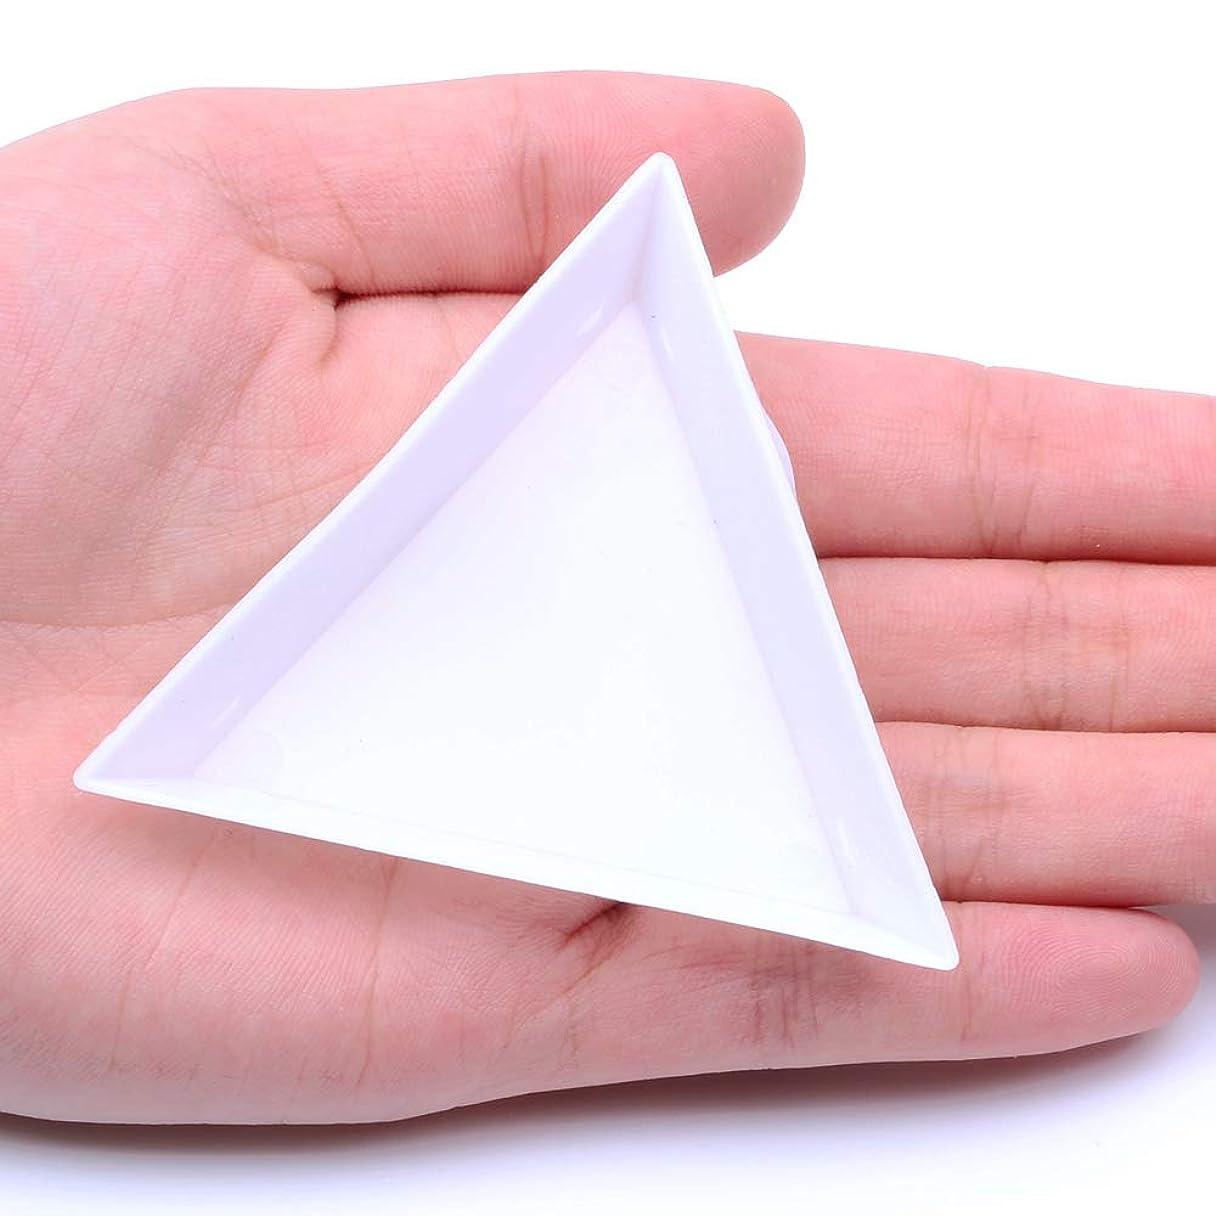 コンサルタント悪性の六分儀ホワイトトライアングルラインストーンプラスチックトレイコンテナトレイツールアクリルプレートケース収納ボックスDIYマニキュアツールジュエリーアクセサリー